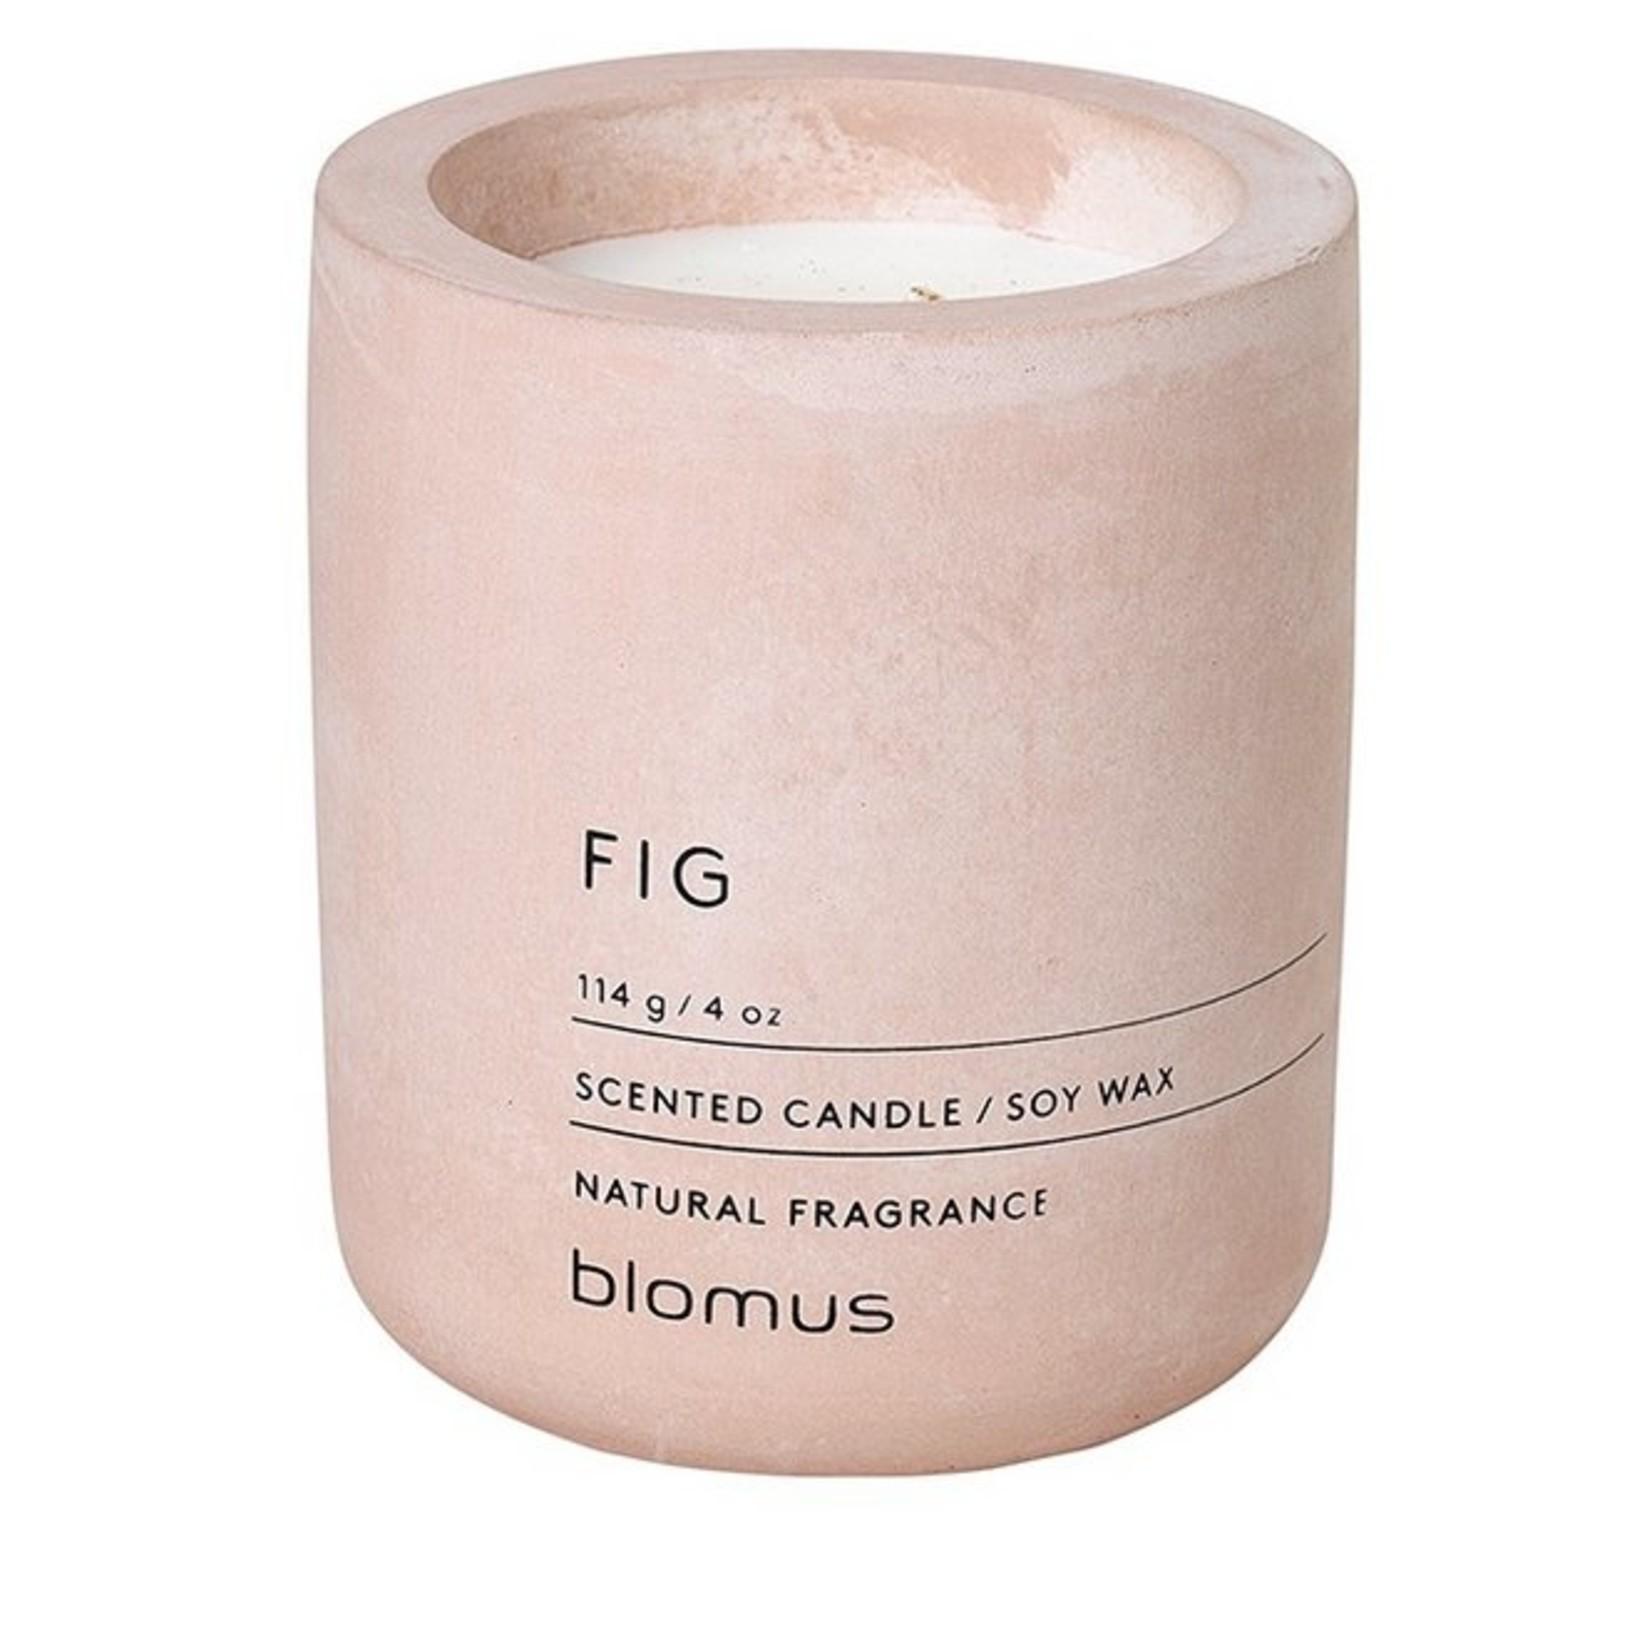 Blomus Geurkaars Medium - Fig - Rose dust